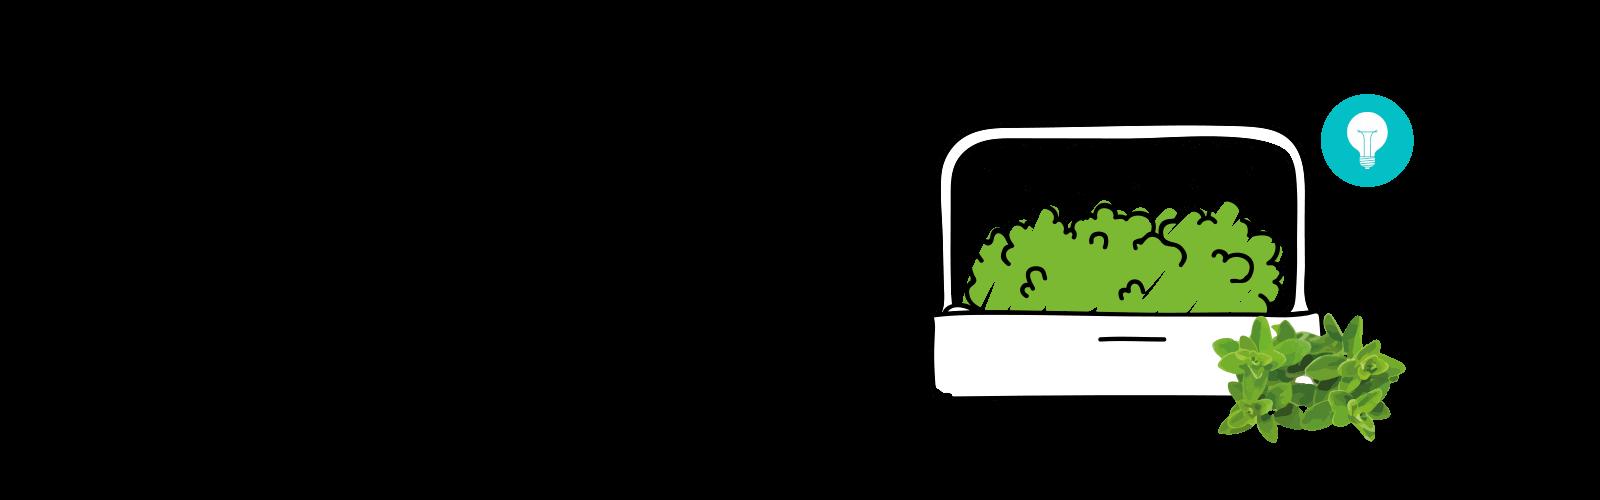 huertos inteligentes Indoor Giardino